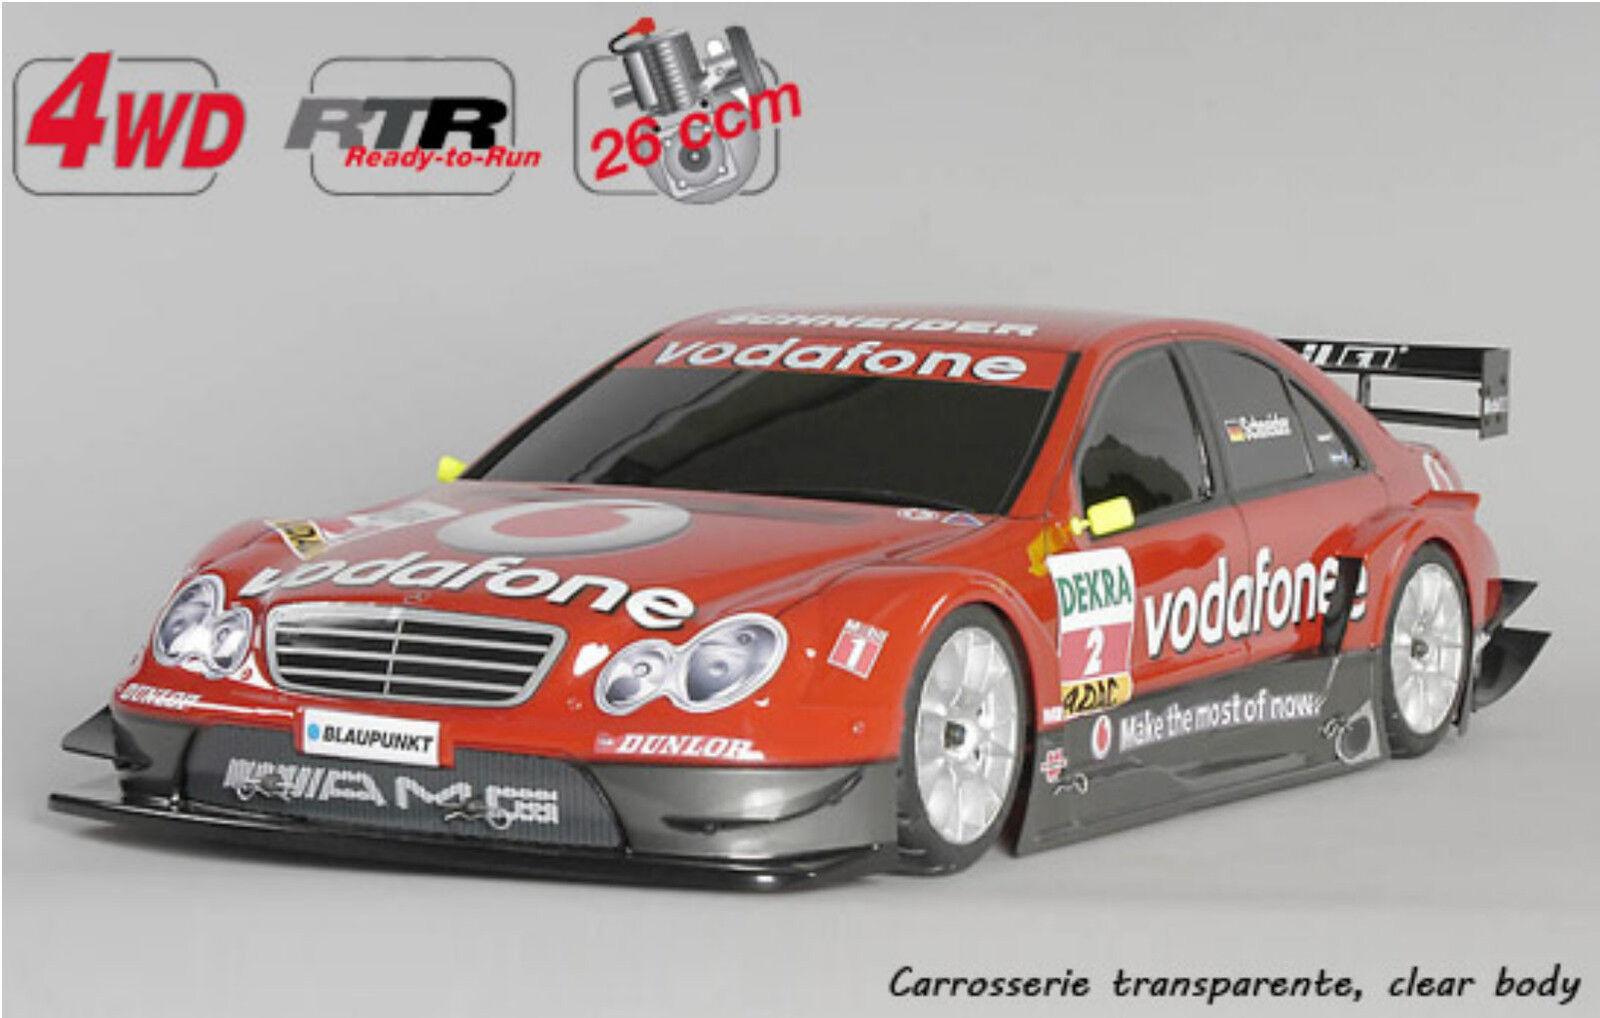 FG modellsport r 4WD 530 Chasis sin lacar MERCEDES BENZ 26 CCM RTR